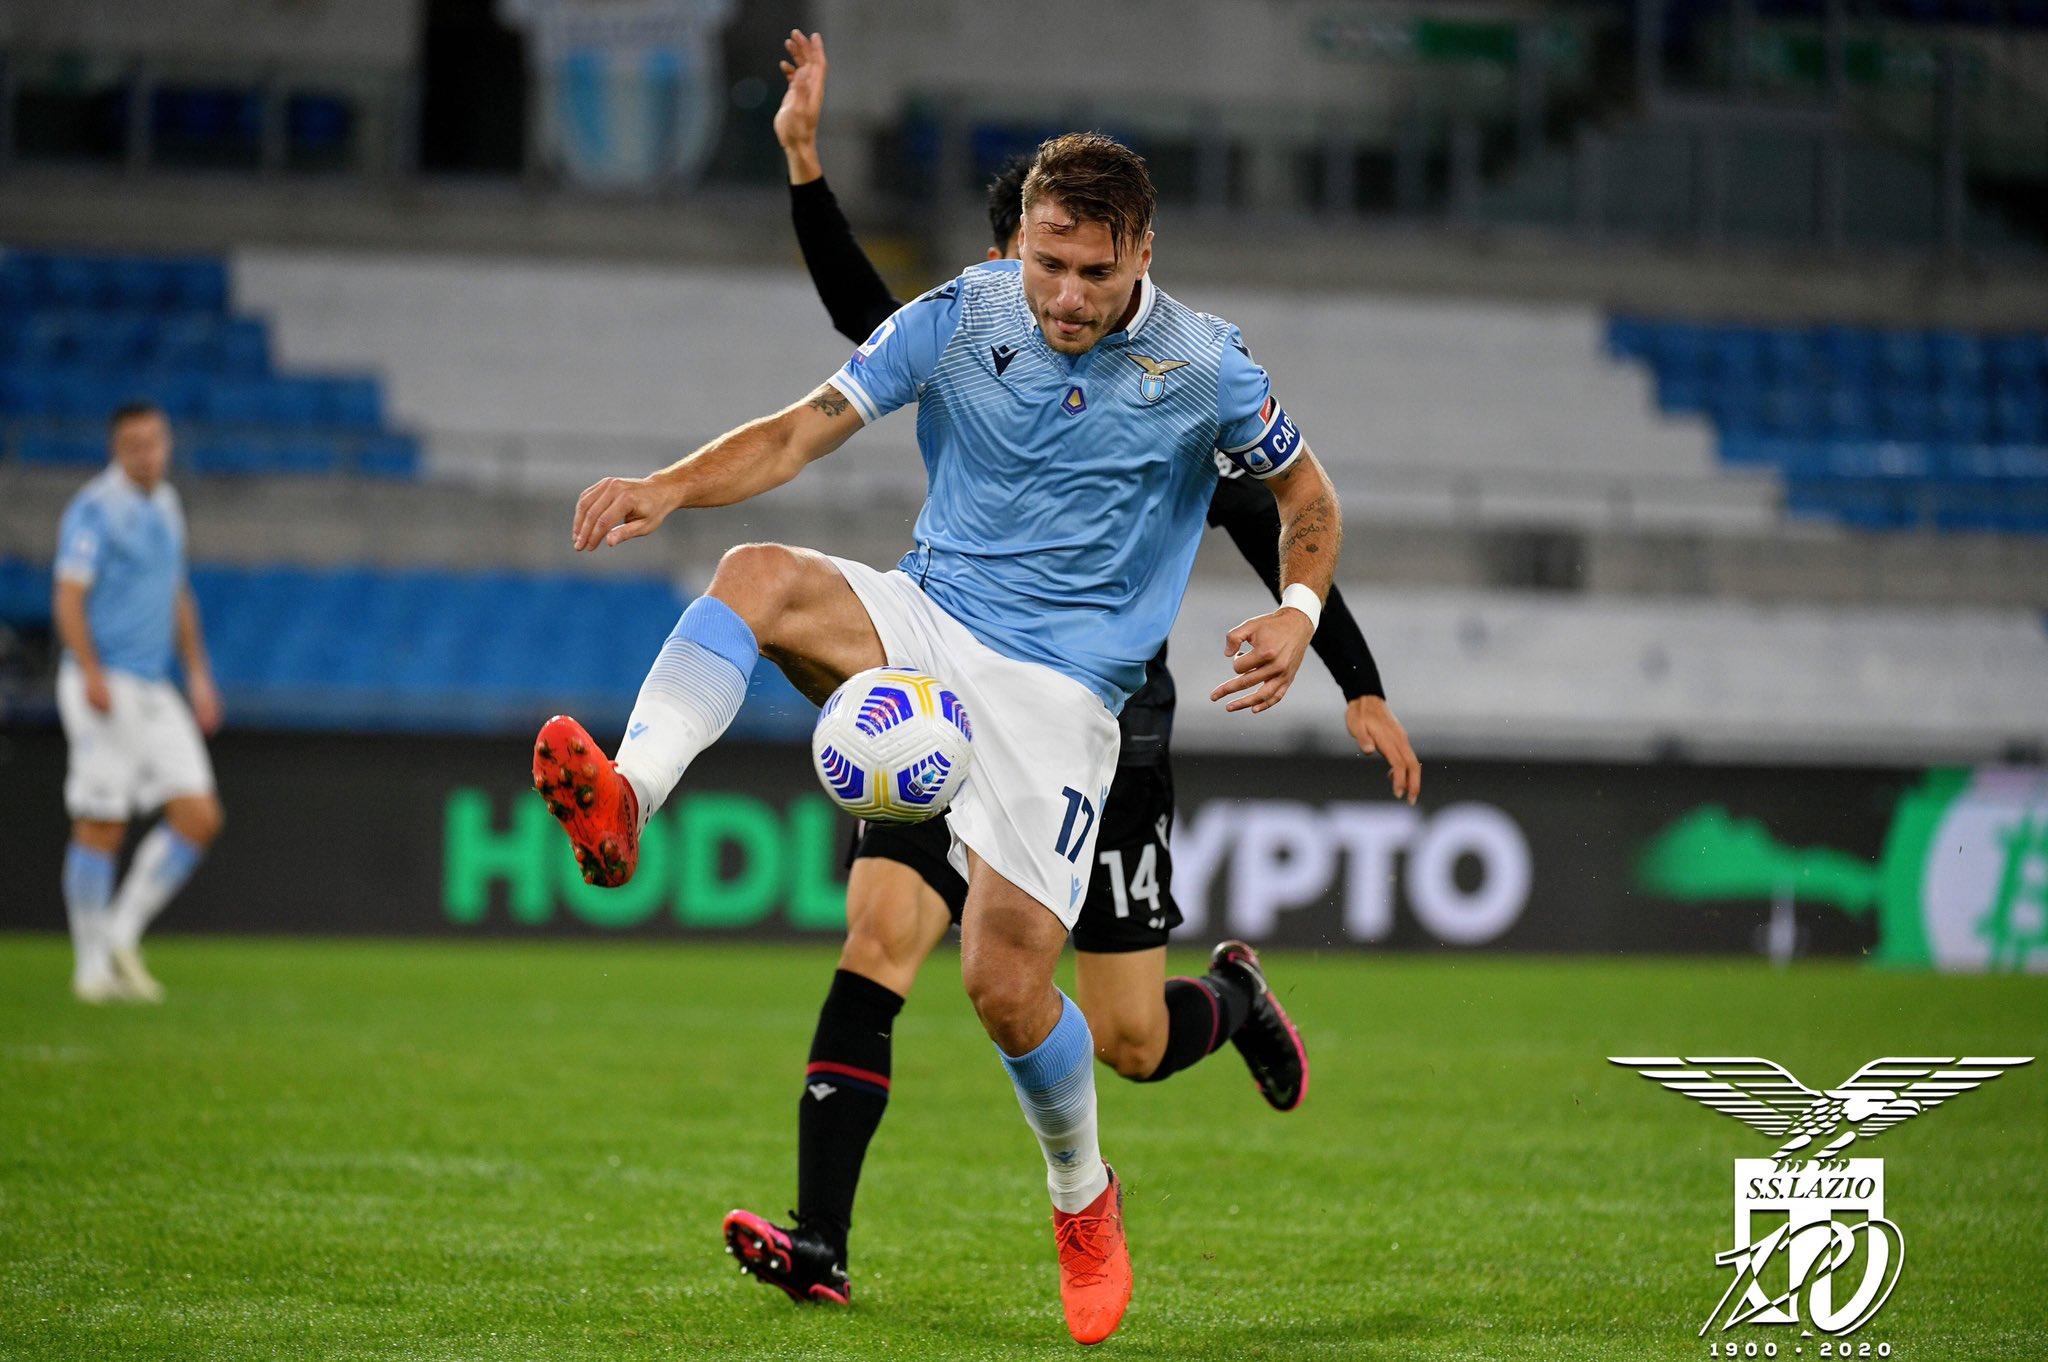 Com gols de Immobile e Luis Alberto, Lazio vence mais uma